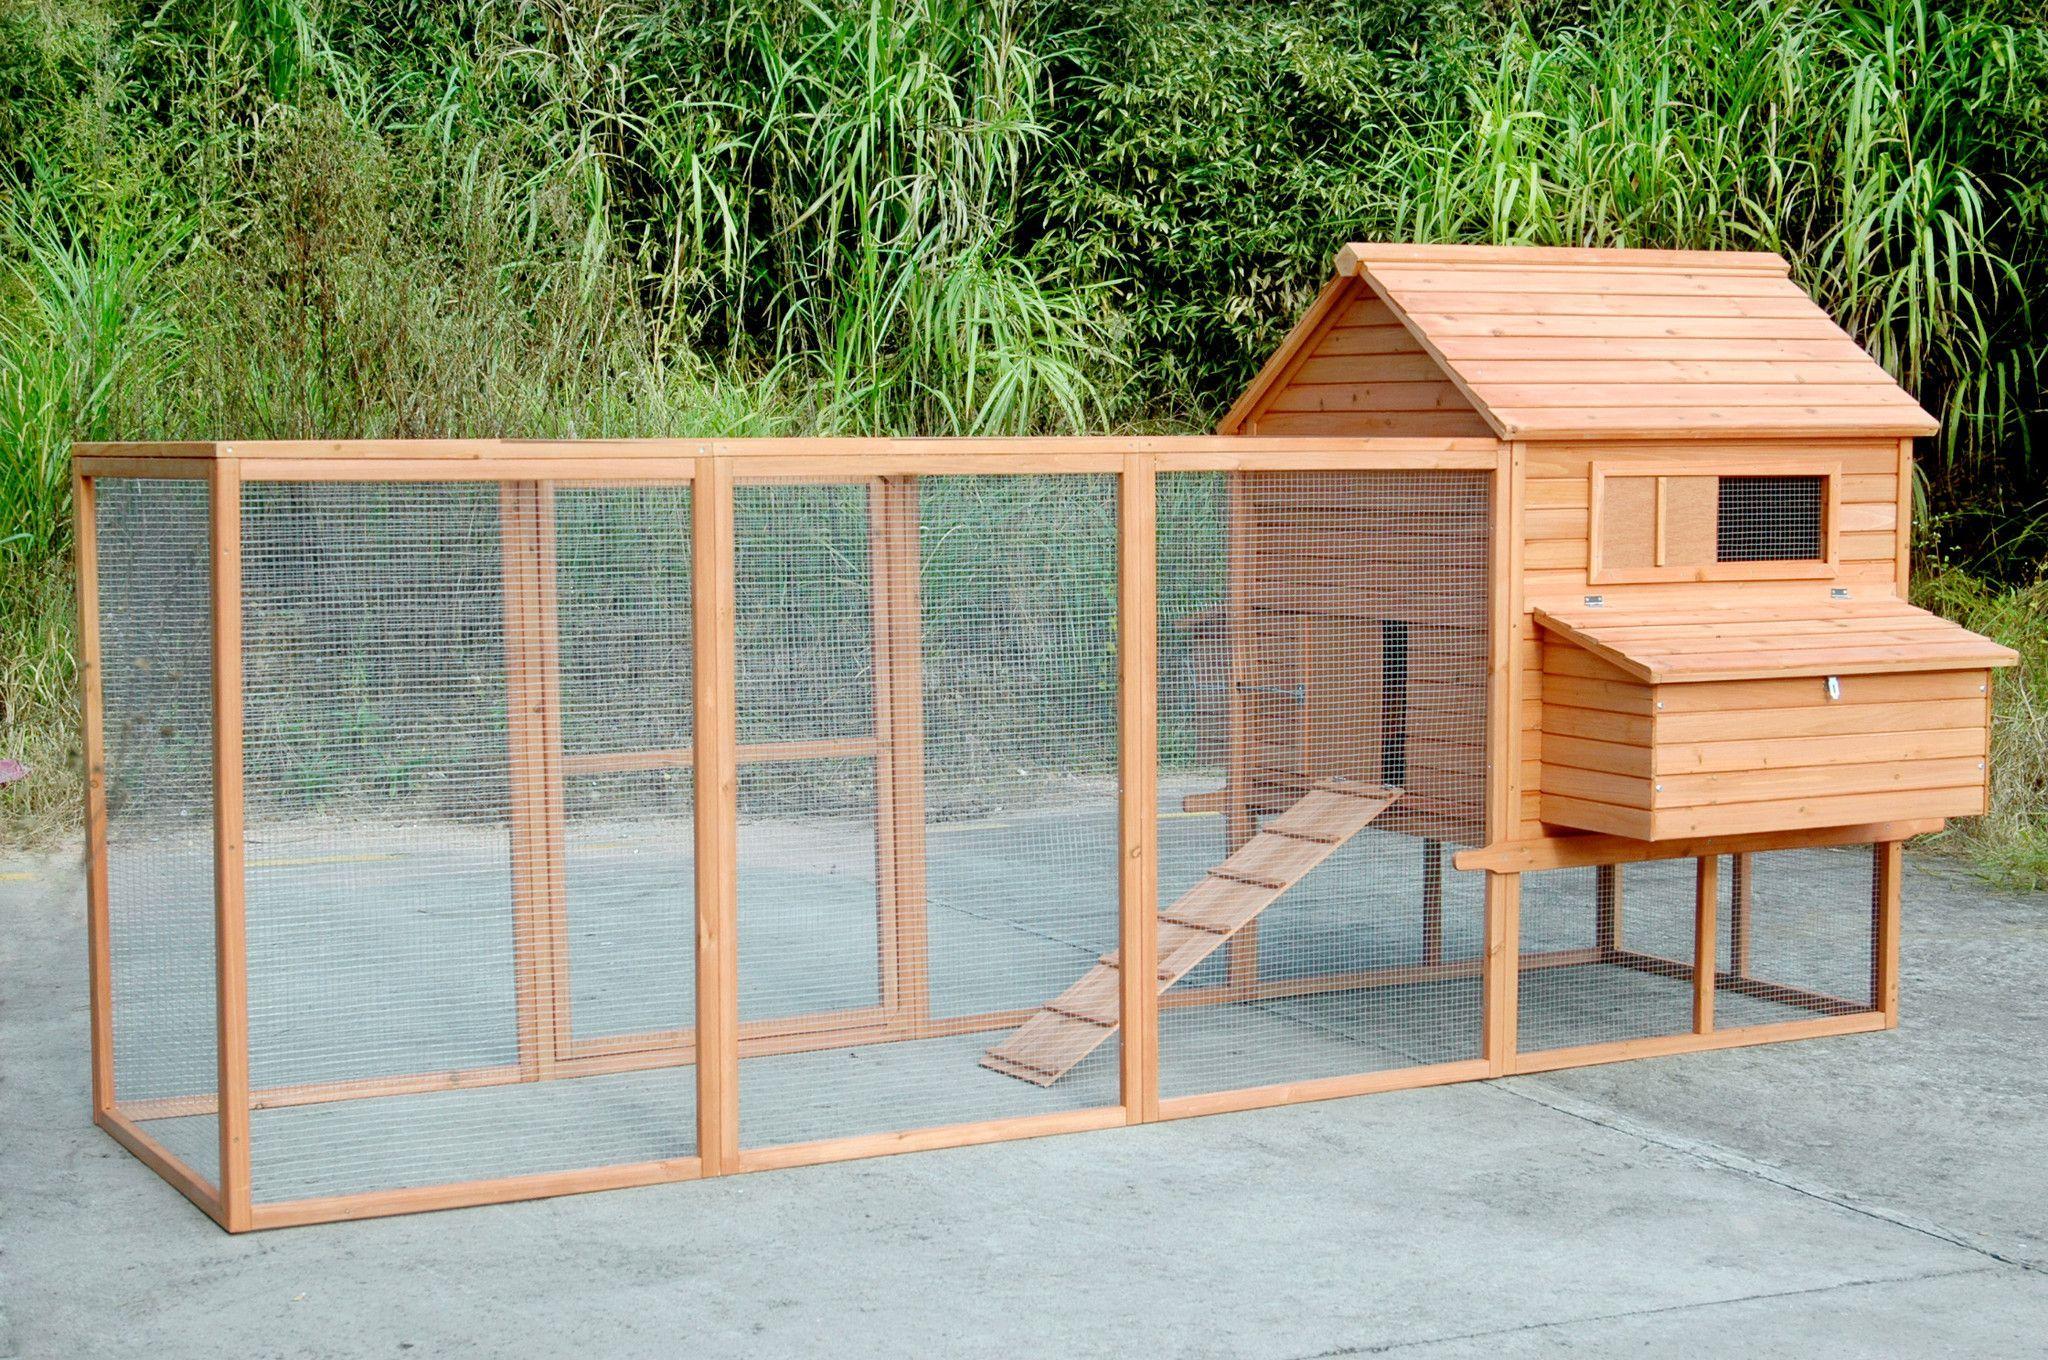 Rhode Island Homestead Xl Chicken Coop And Run Extension 10 Chickens Chickens Backyard Chicken Coop Designs Chicken Coop